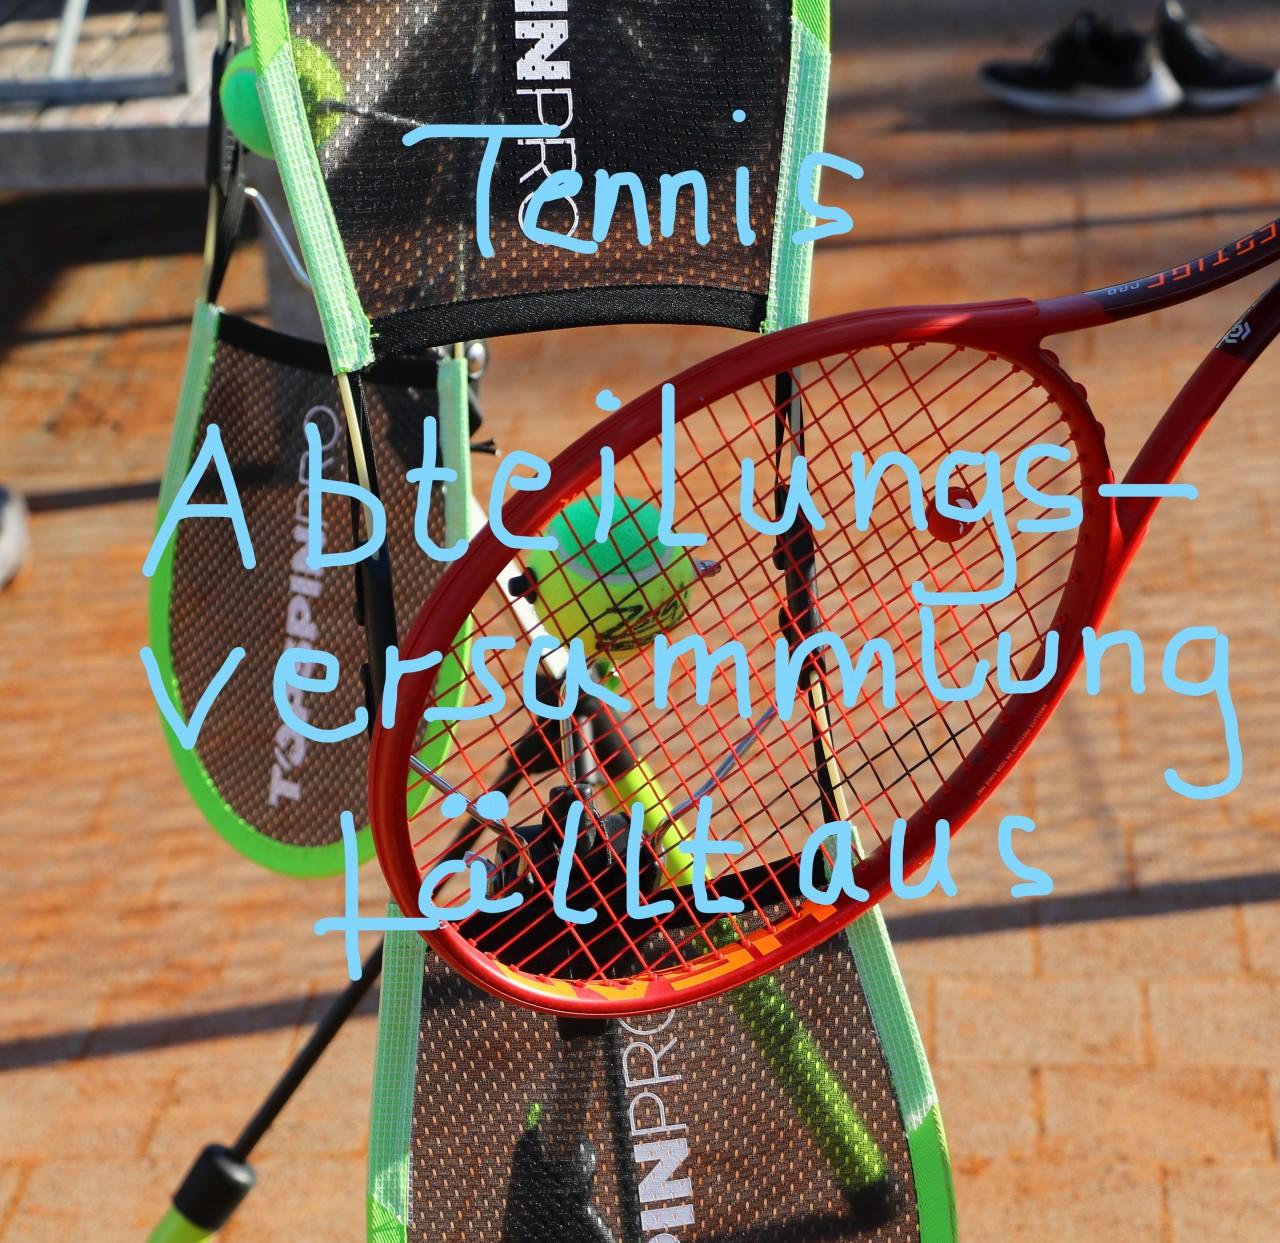 Tennisabteilungsversammlung fällt wegen steigender Coronazahlen aus